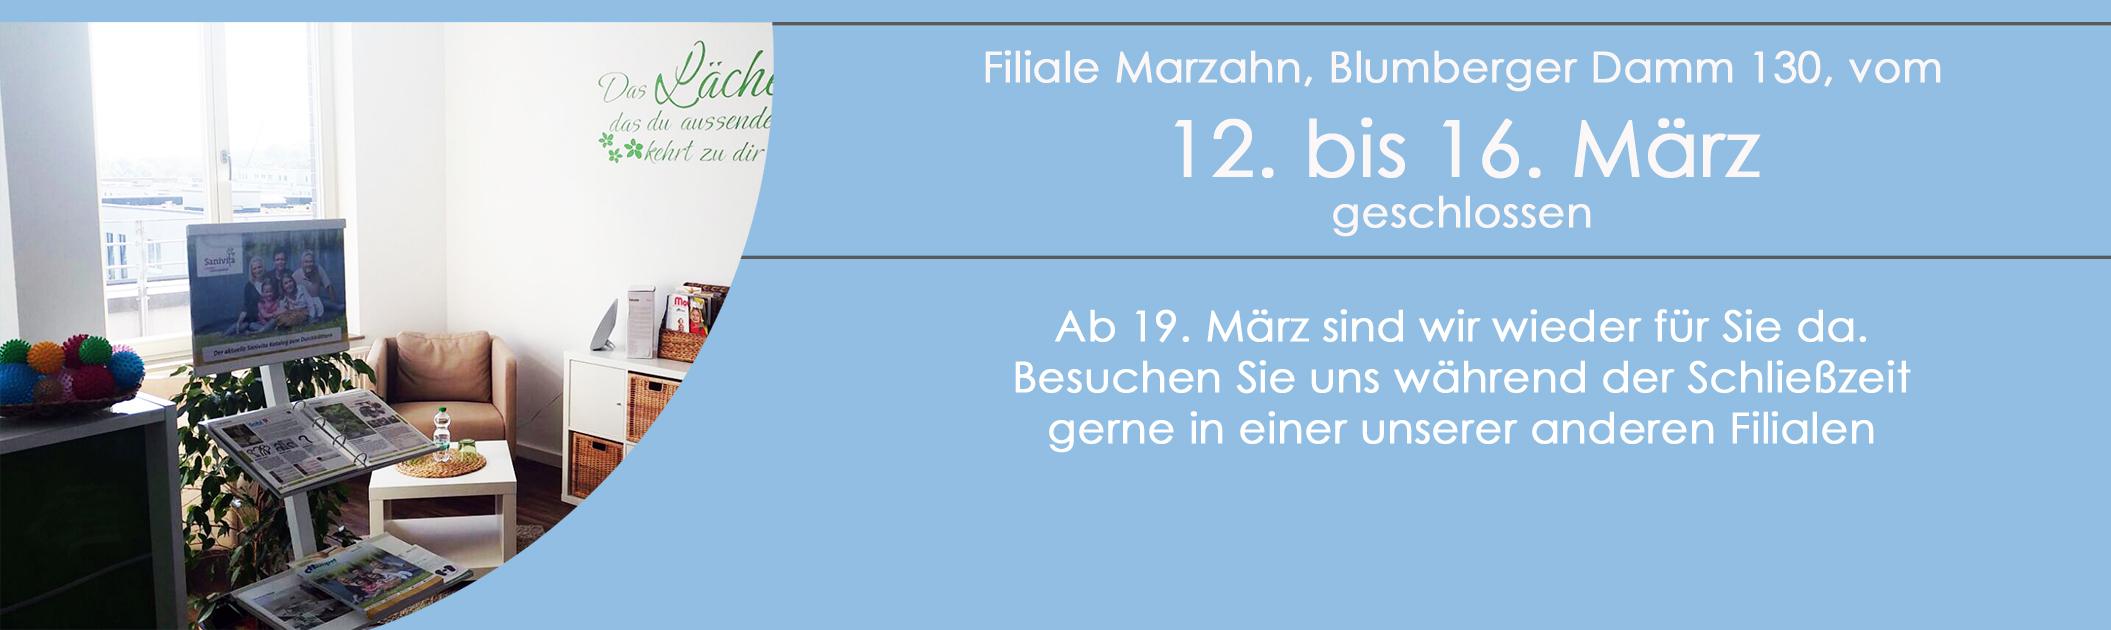 Filiale Marzahn vorübergehend geschlossen